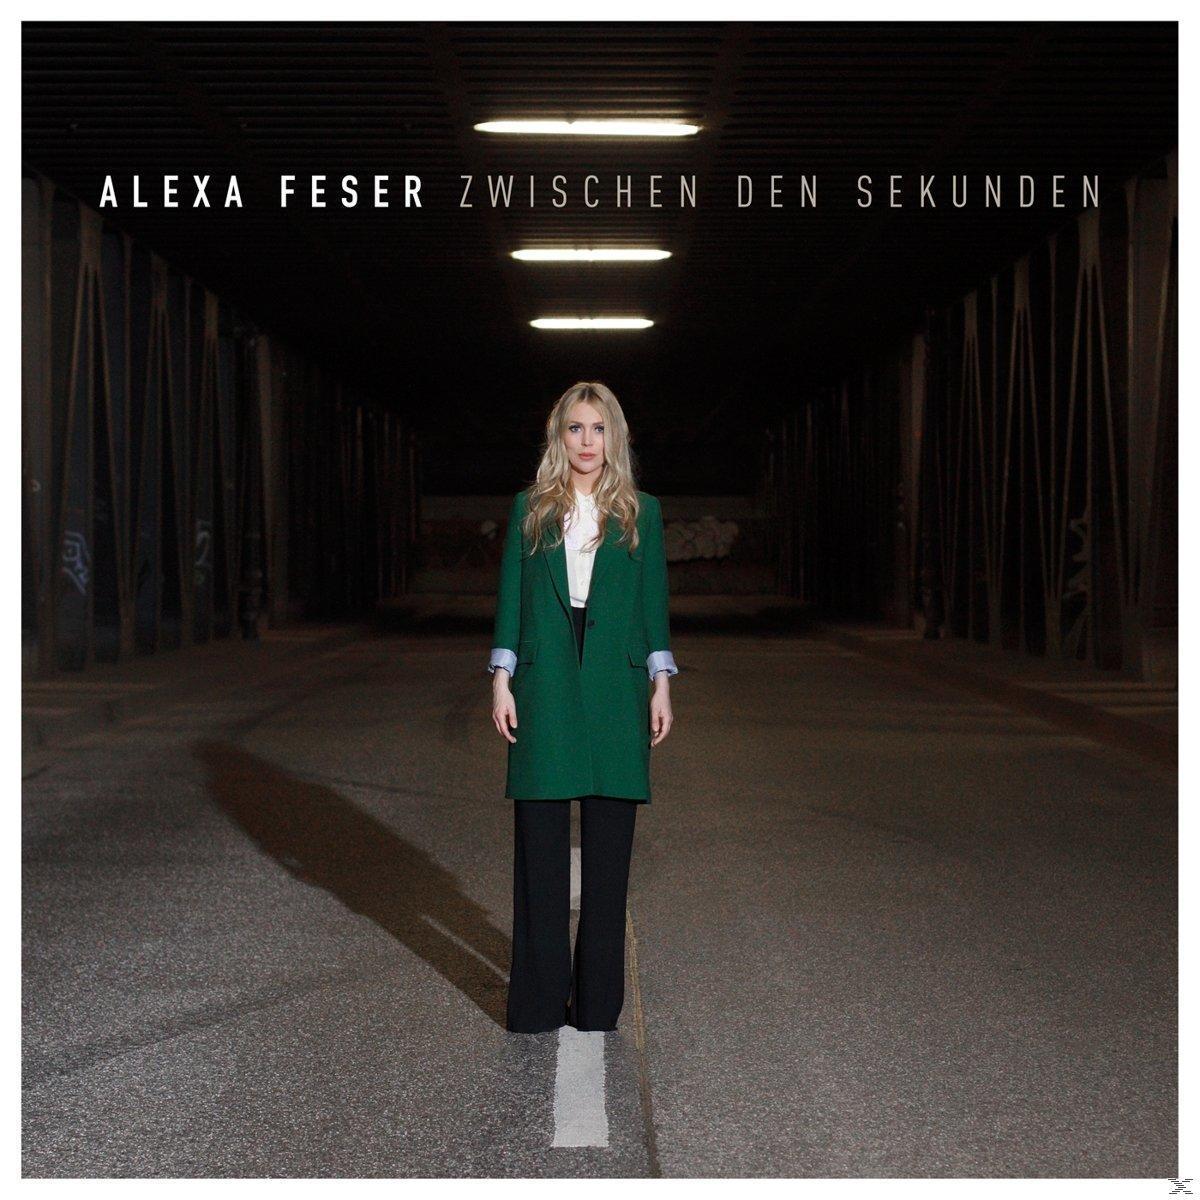 Zwischen Den Sekunden (Alexa Feser) für 17,99 Euro